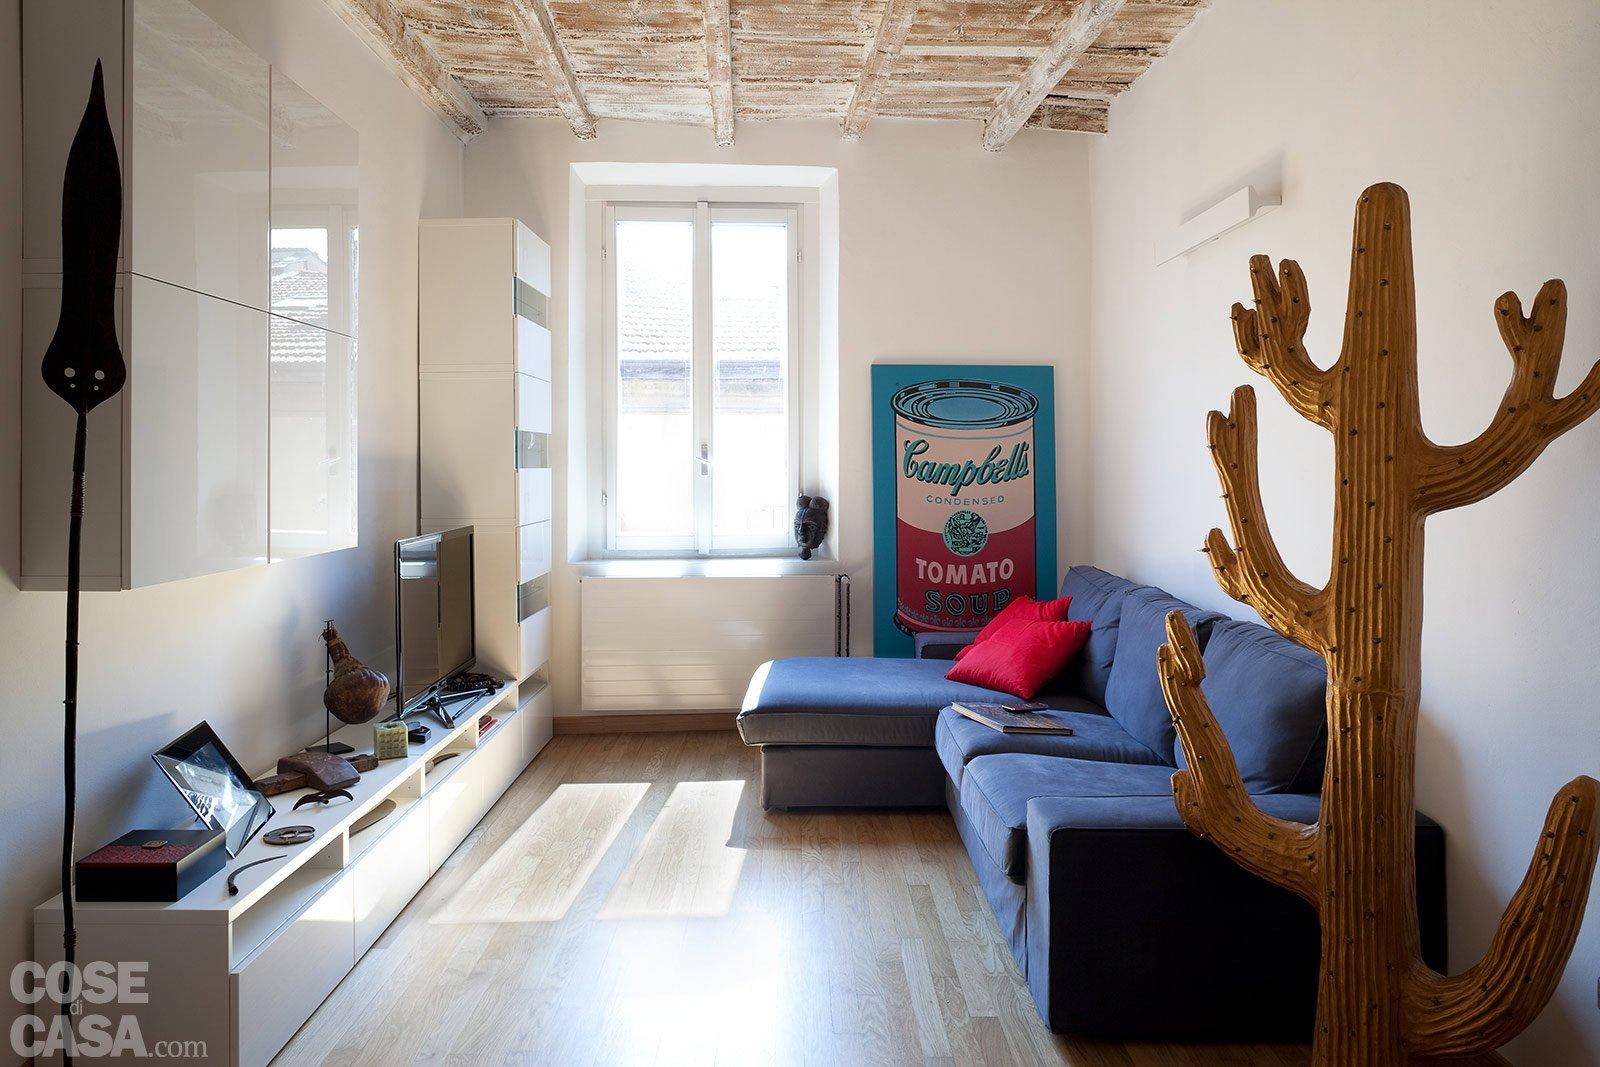 100+ [ idee per arredare il soggiorno ] | come arredare un open ... - Come Arredare Un Soggiorno Moderno Piccolo